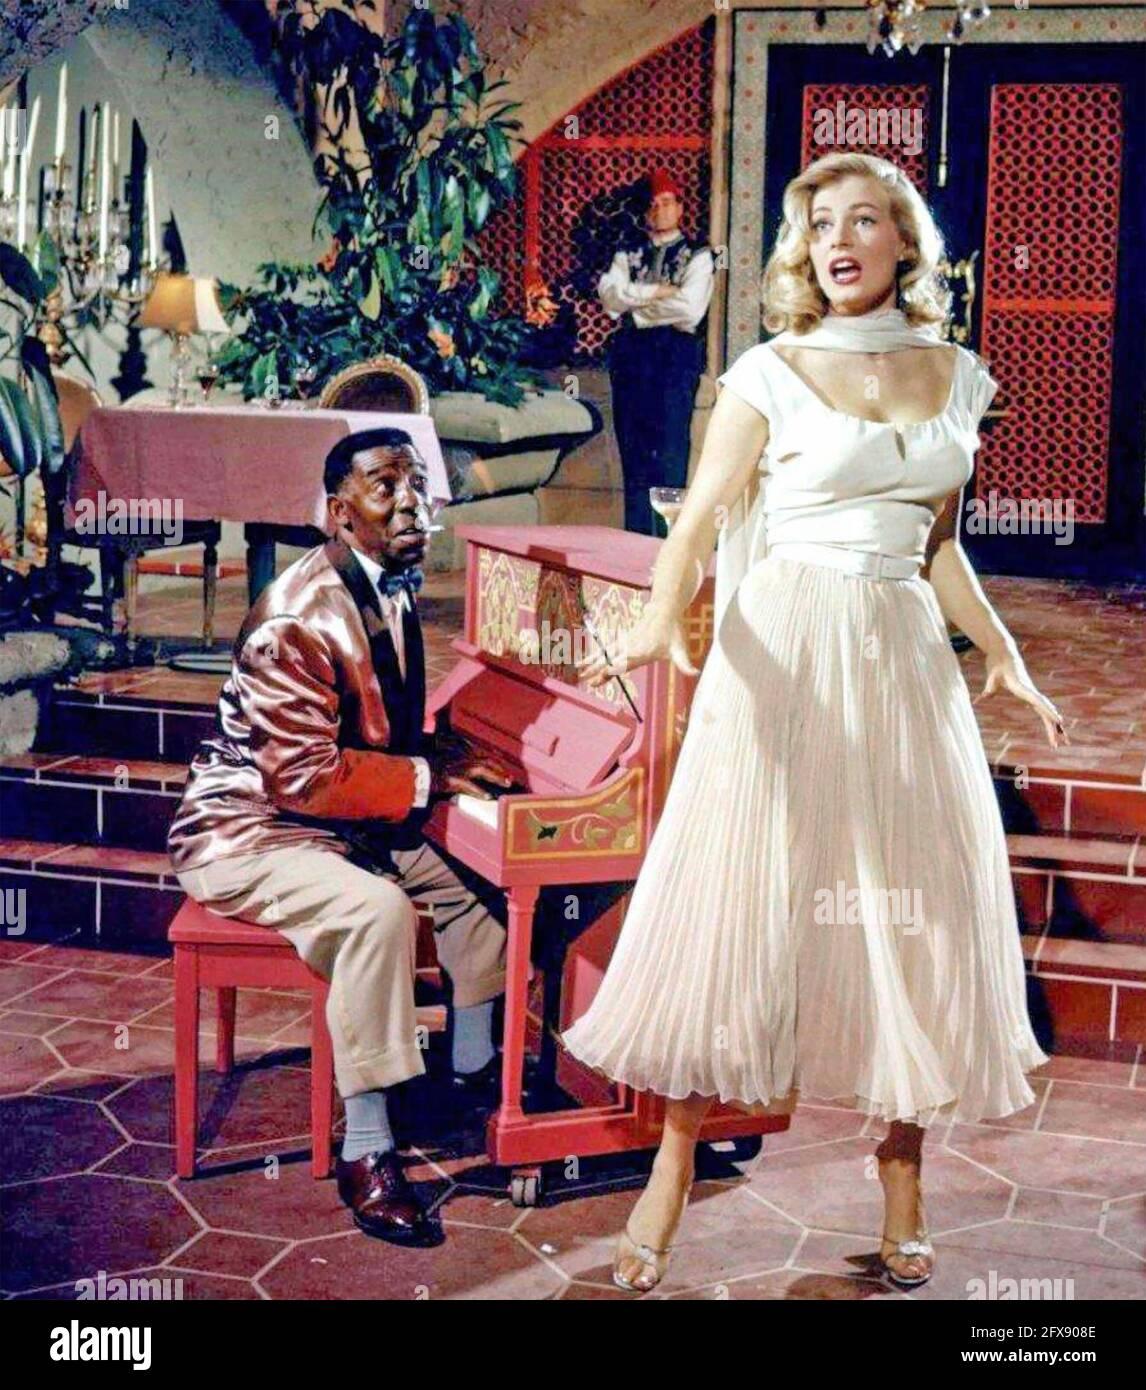 ANITA EKBERG (1931-2015) actrice suédoise de cinéma comme Katrina dans la version Warner Bros. 1955 du film Casablanca avec Clarence Muse sur piano Banque D'Images